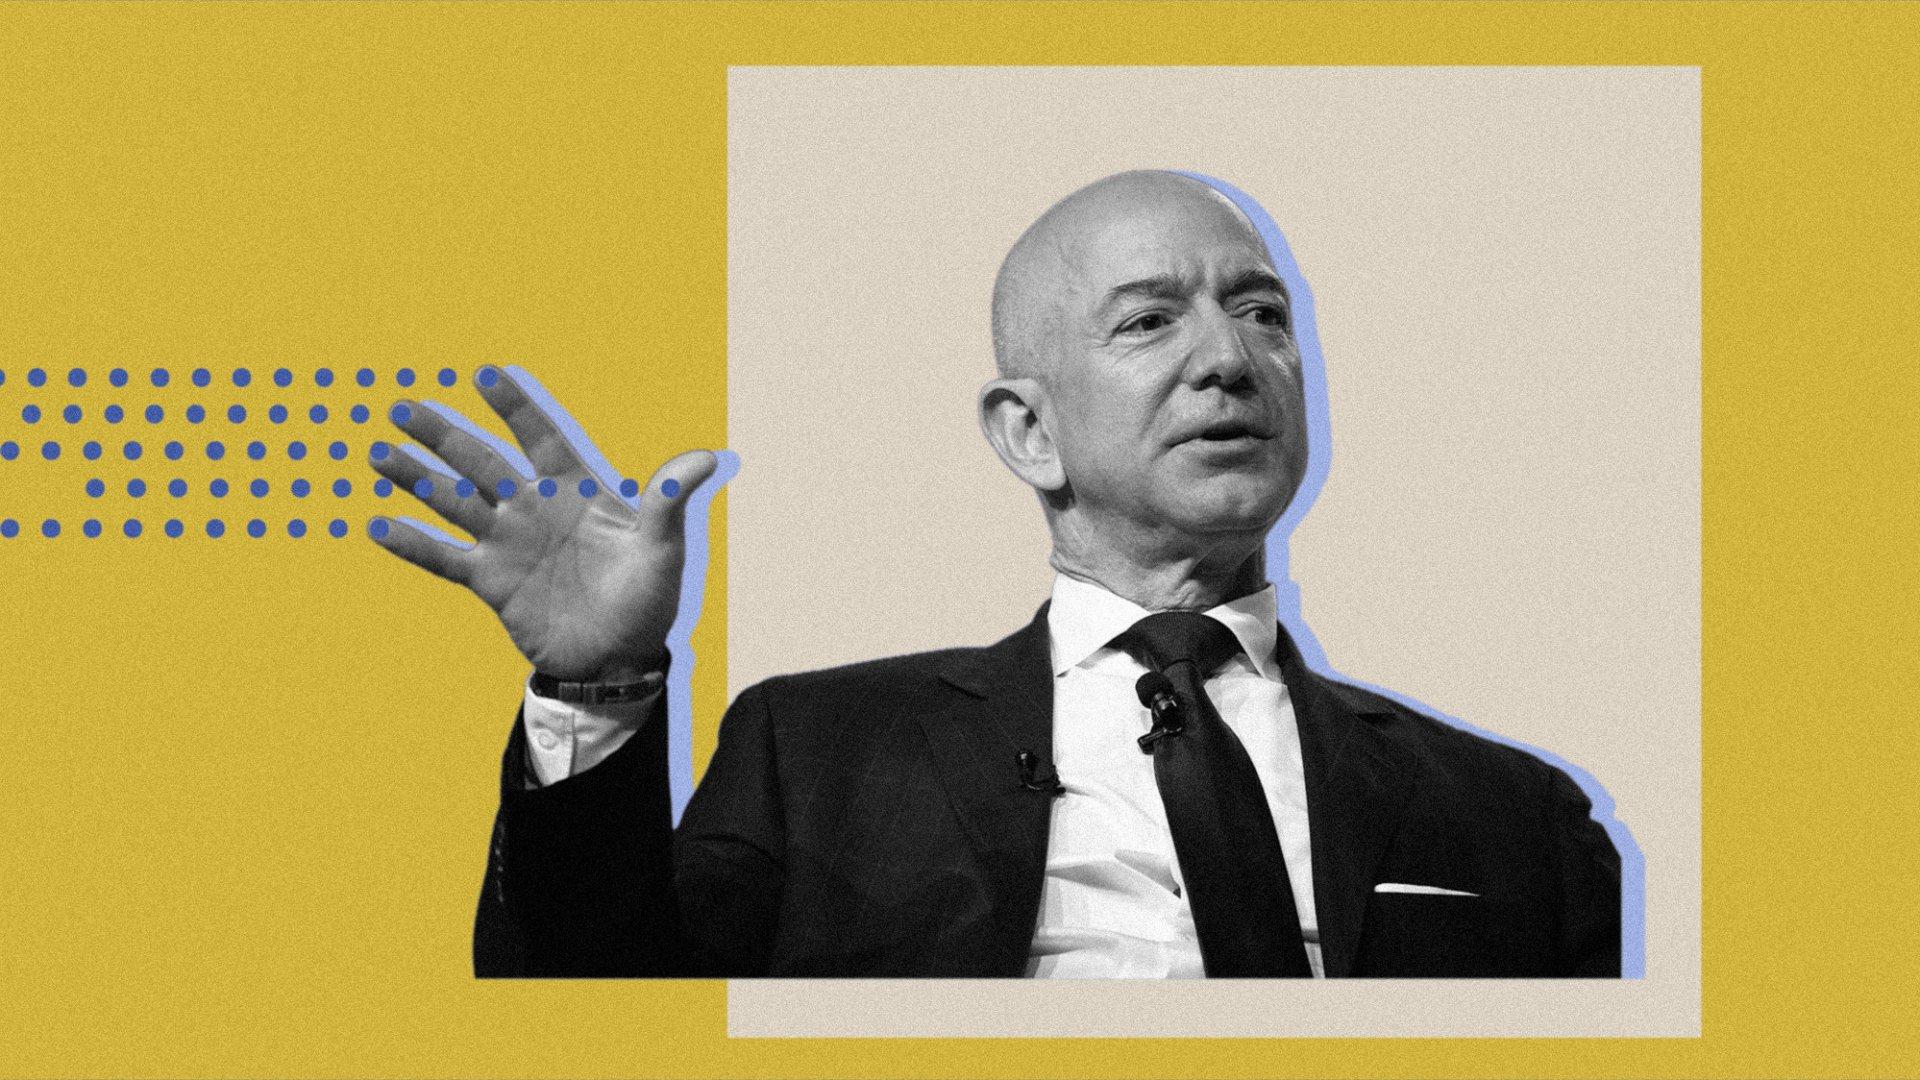 Джефф Безос перестанет быть главой Amazon